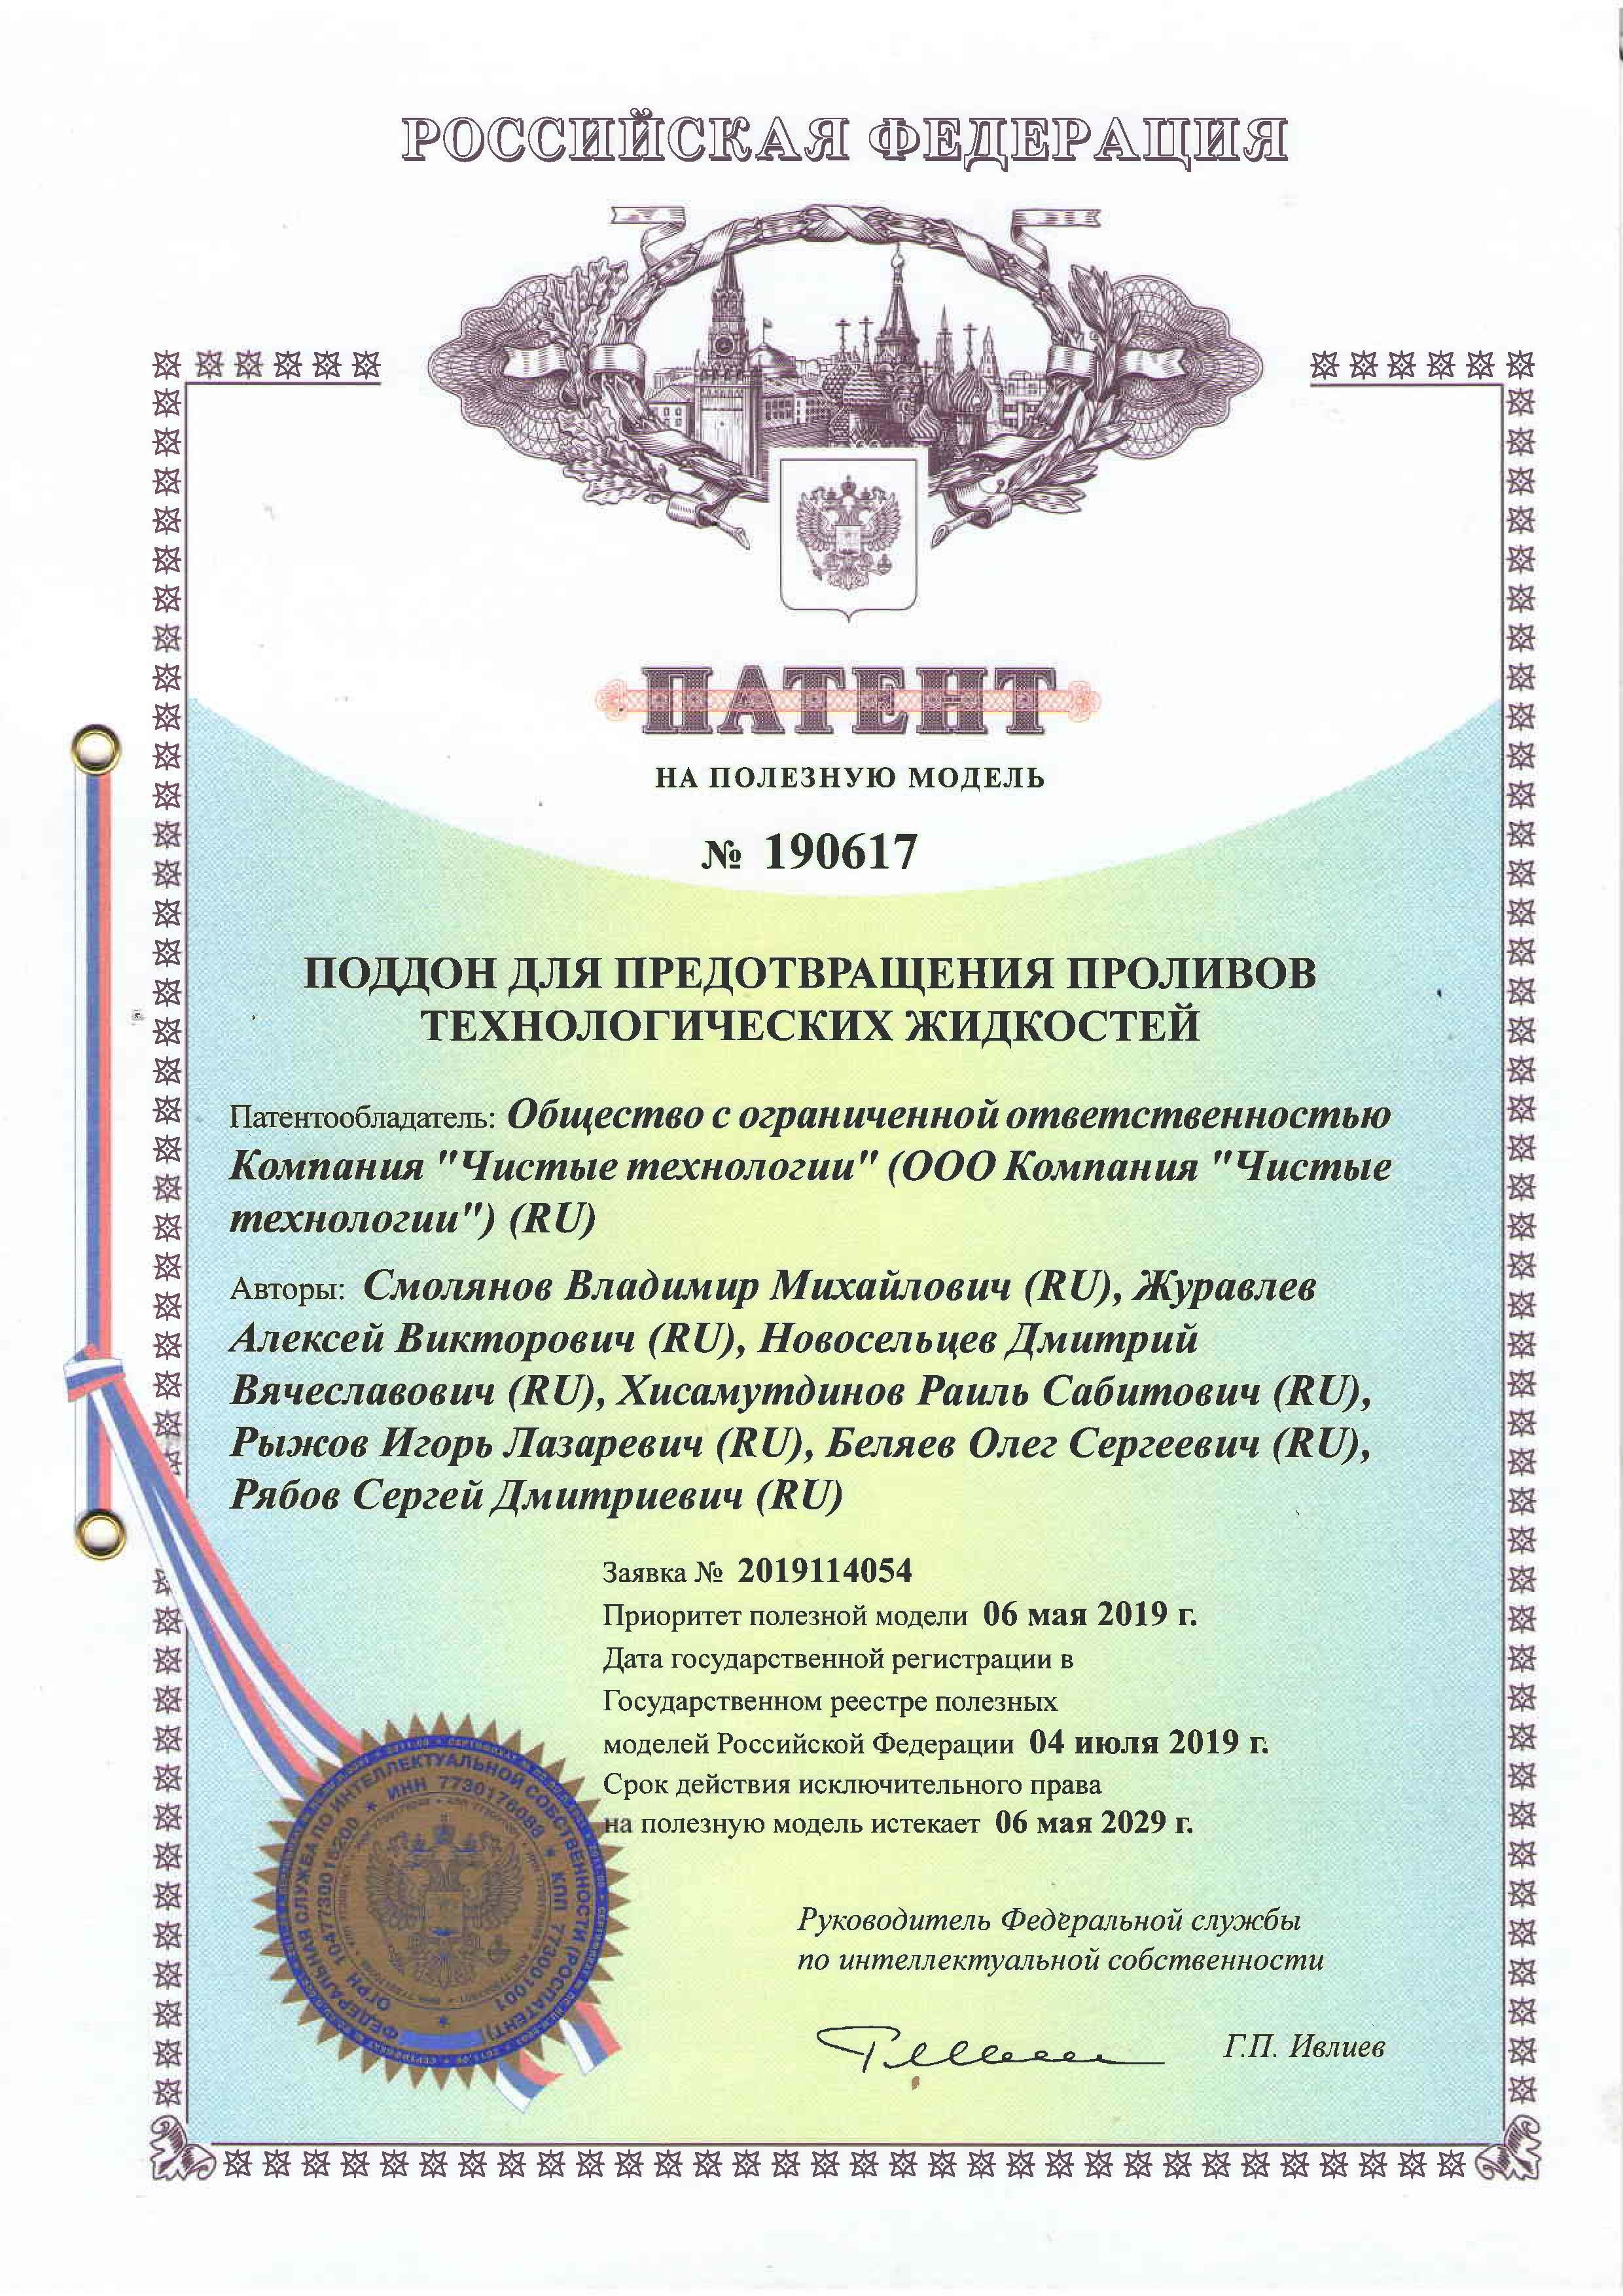 патент на объект интеллектуальной собственности